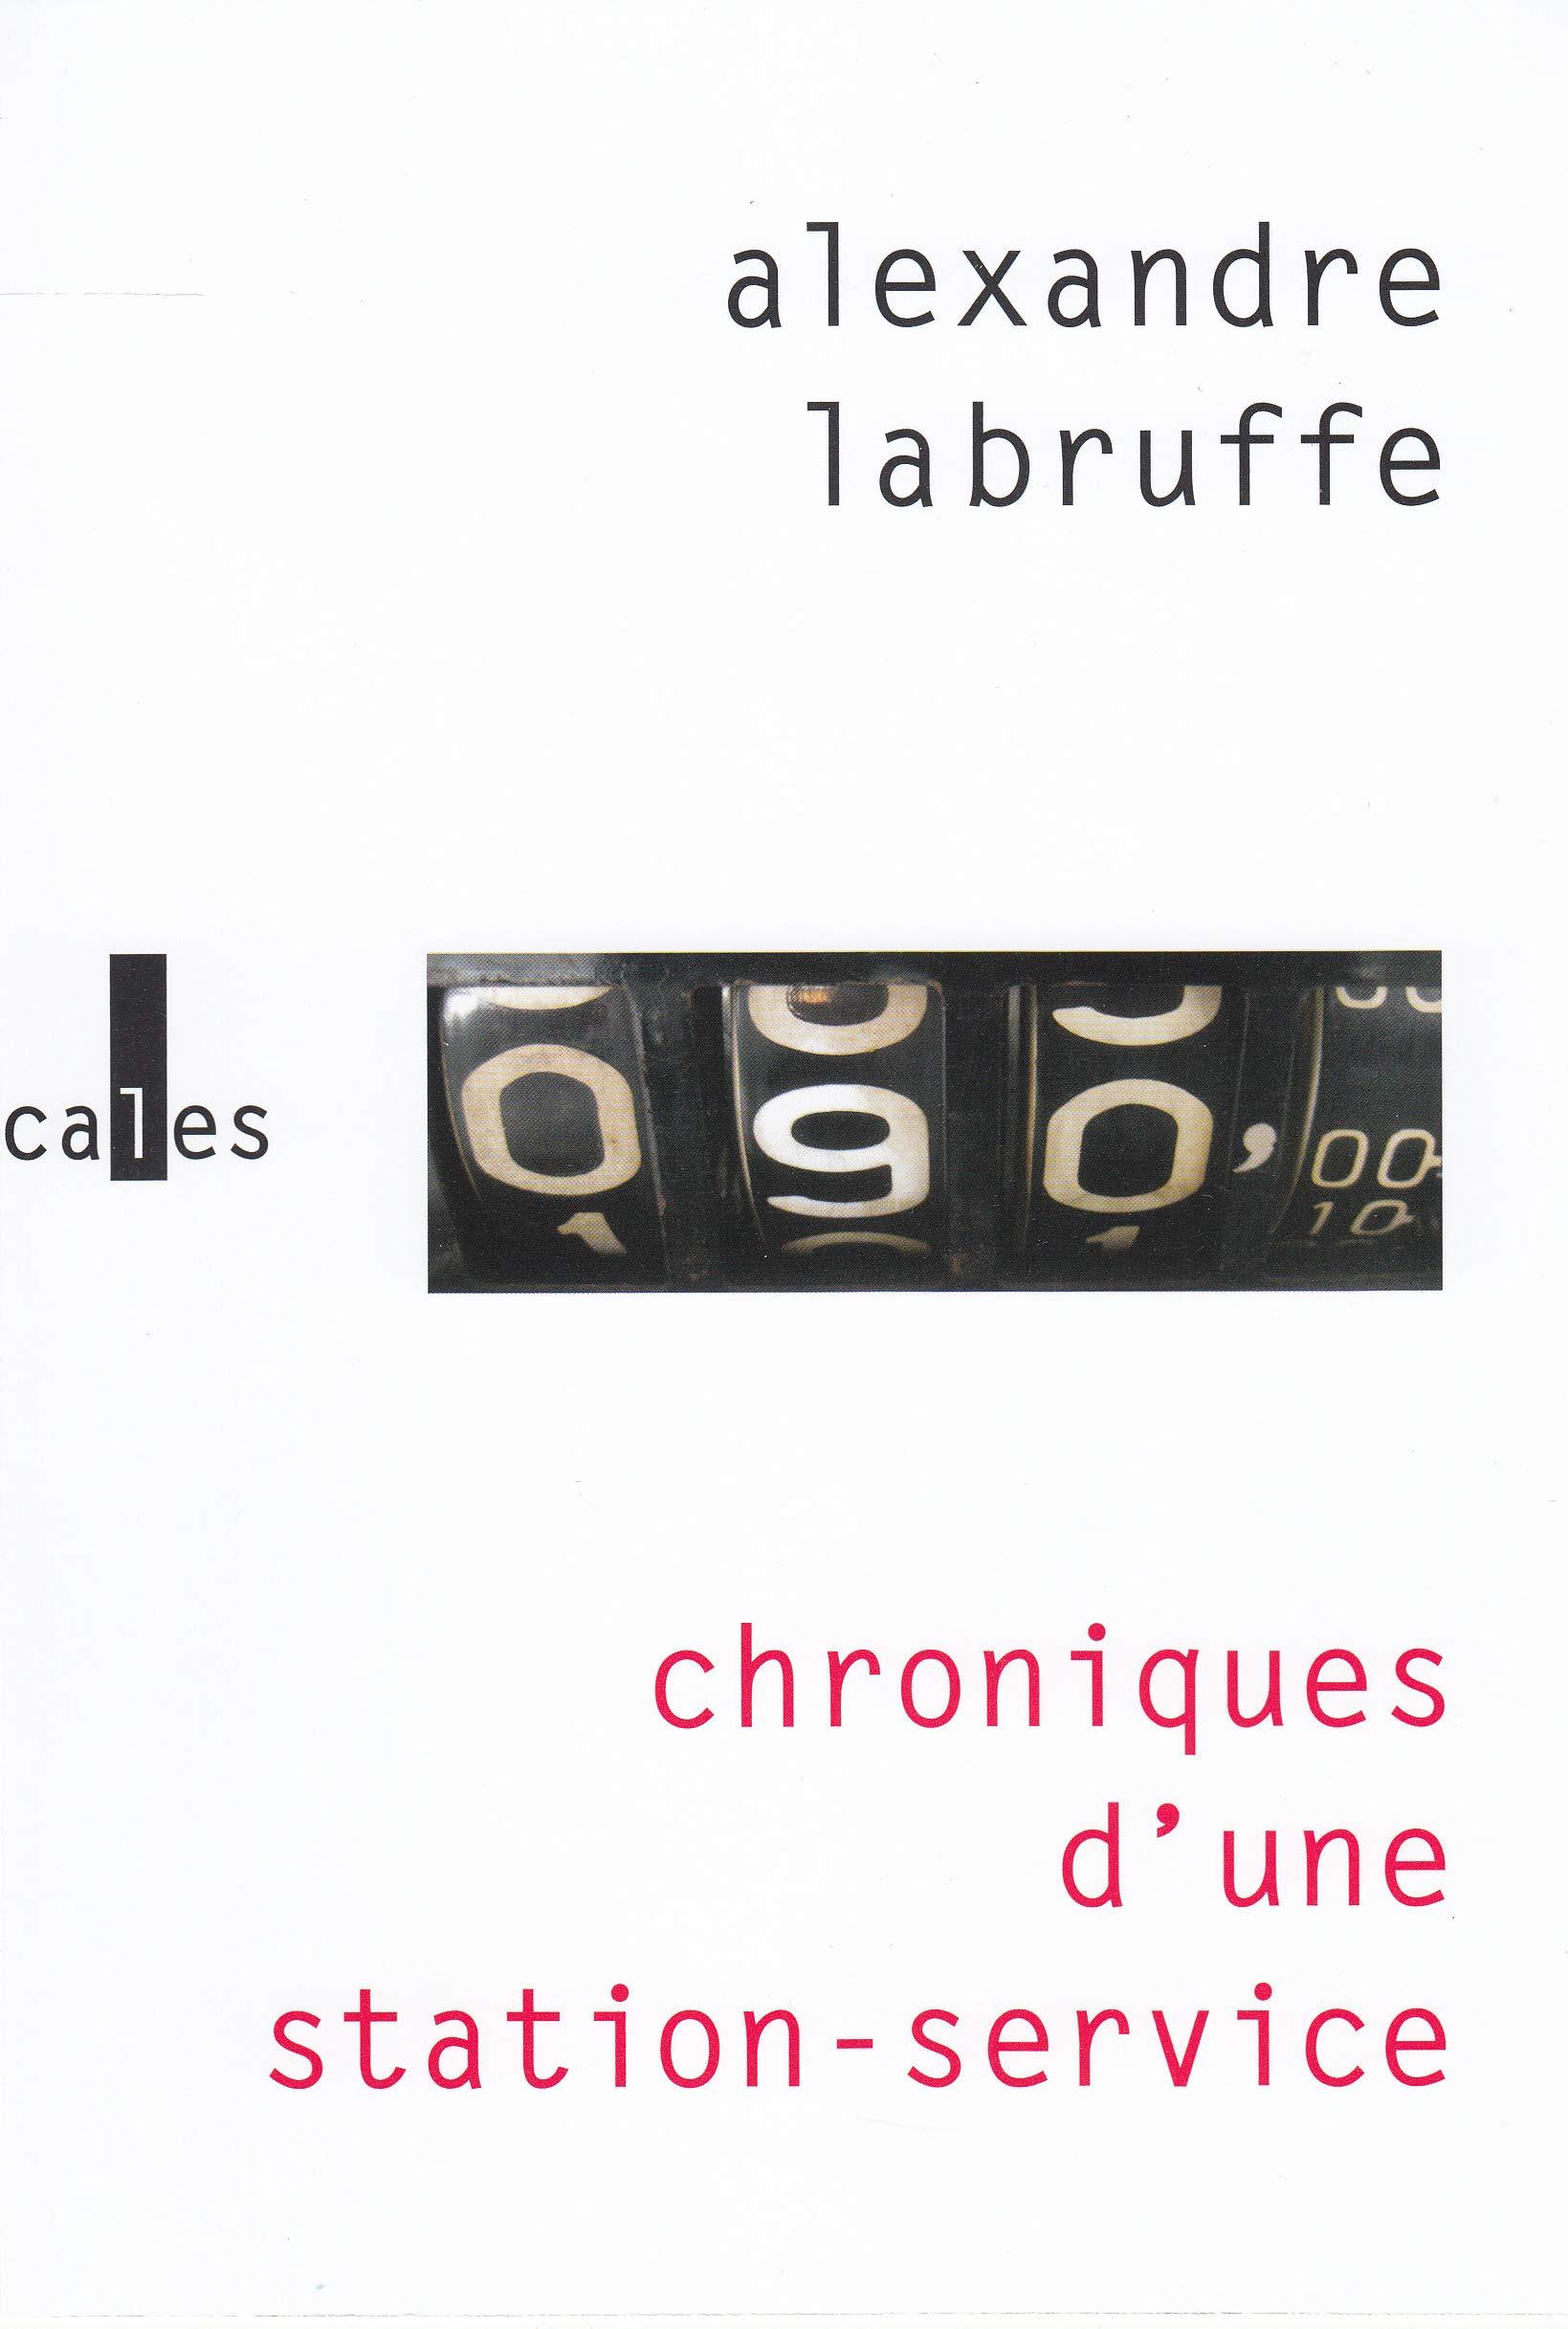 """Résultat de recherche d'images pour """"chroniques d'une station service"""""""